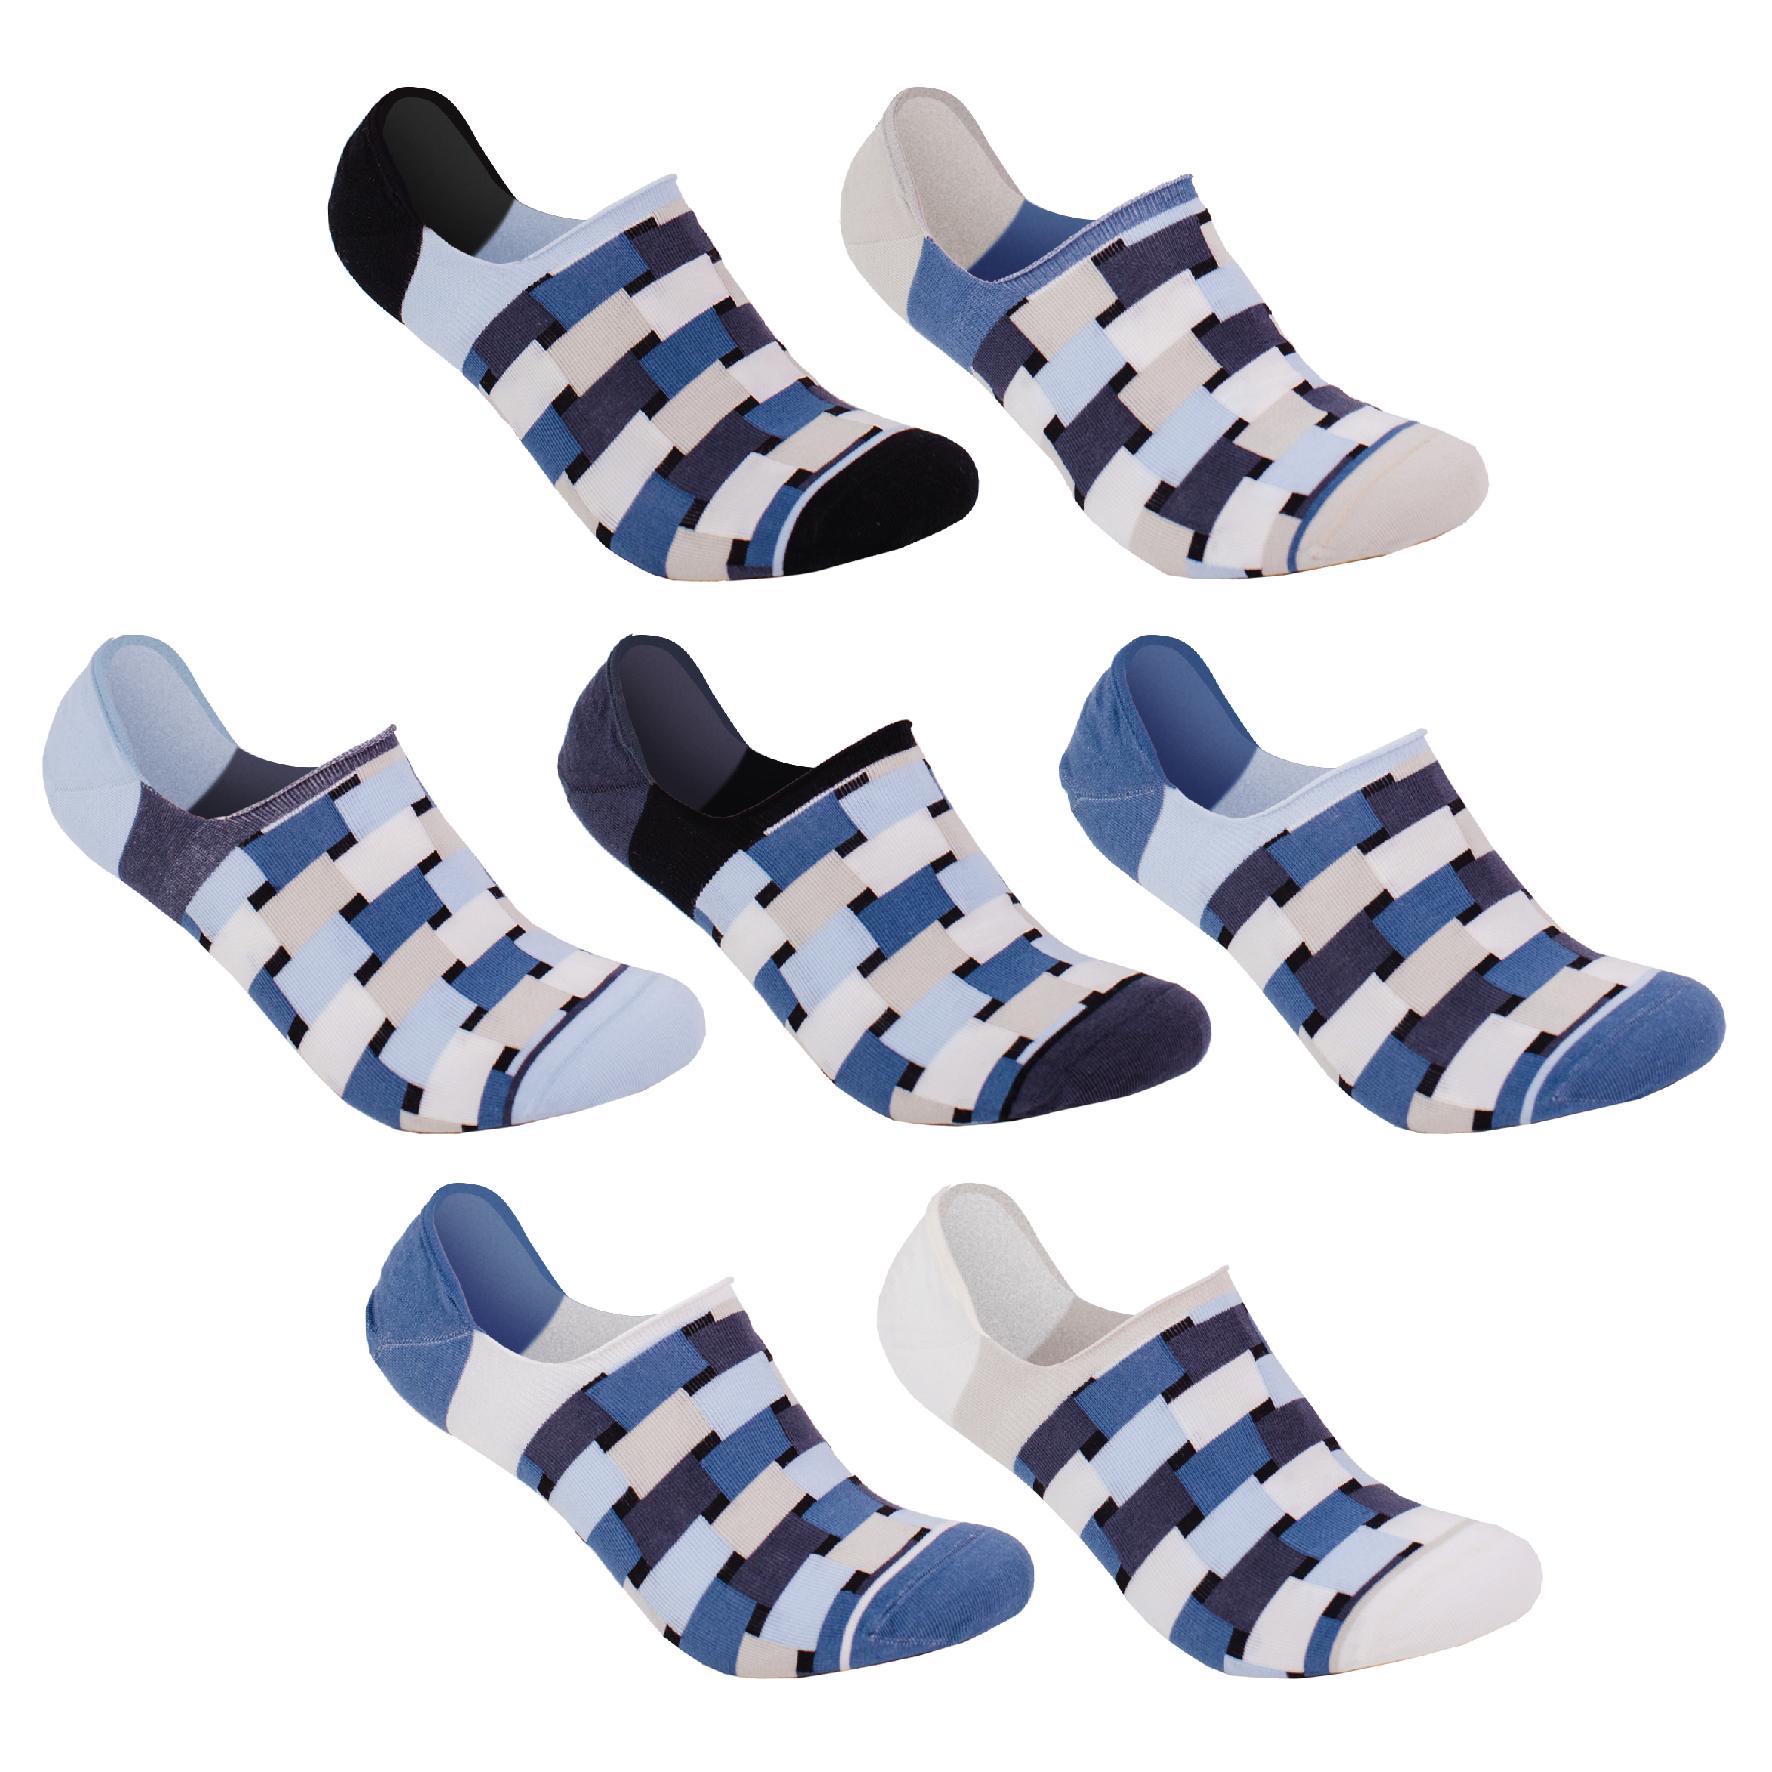 Wegner No Shws 7 socks.jpg